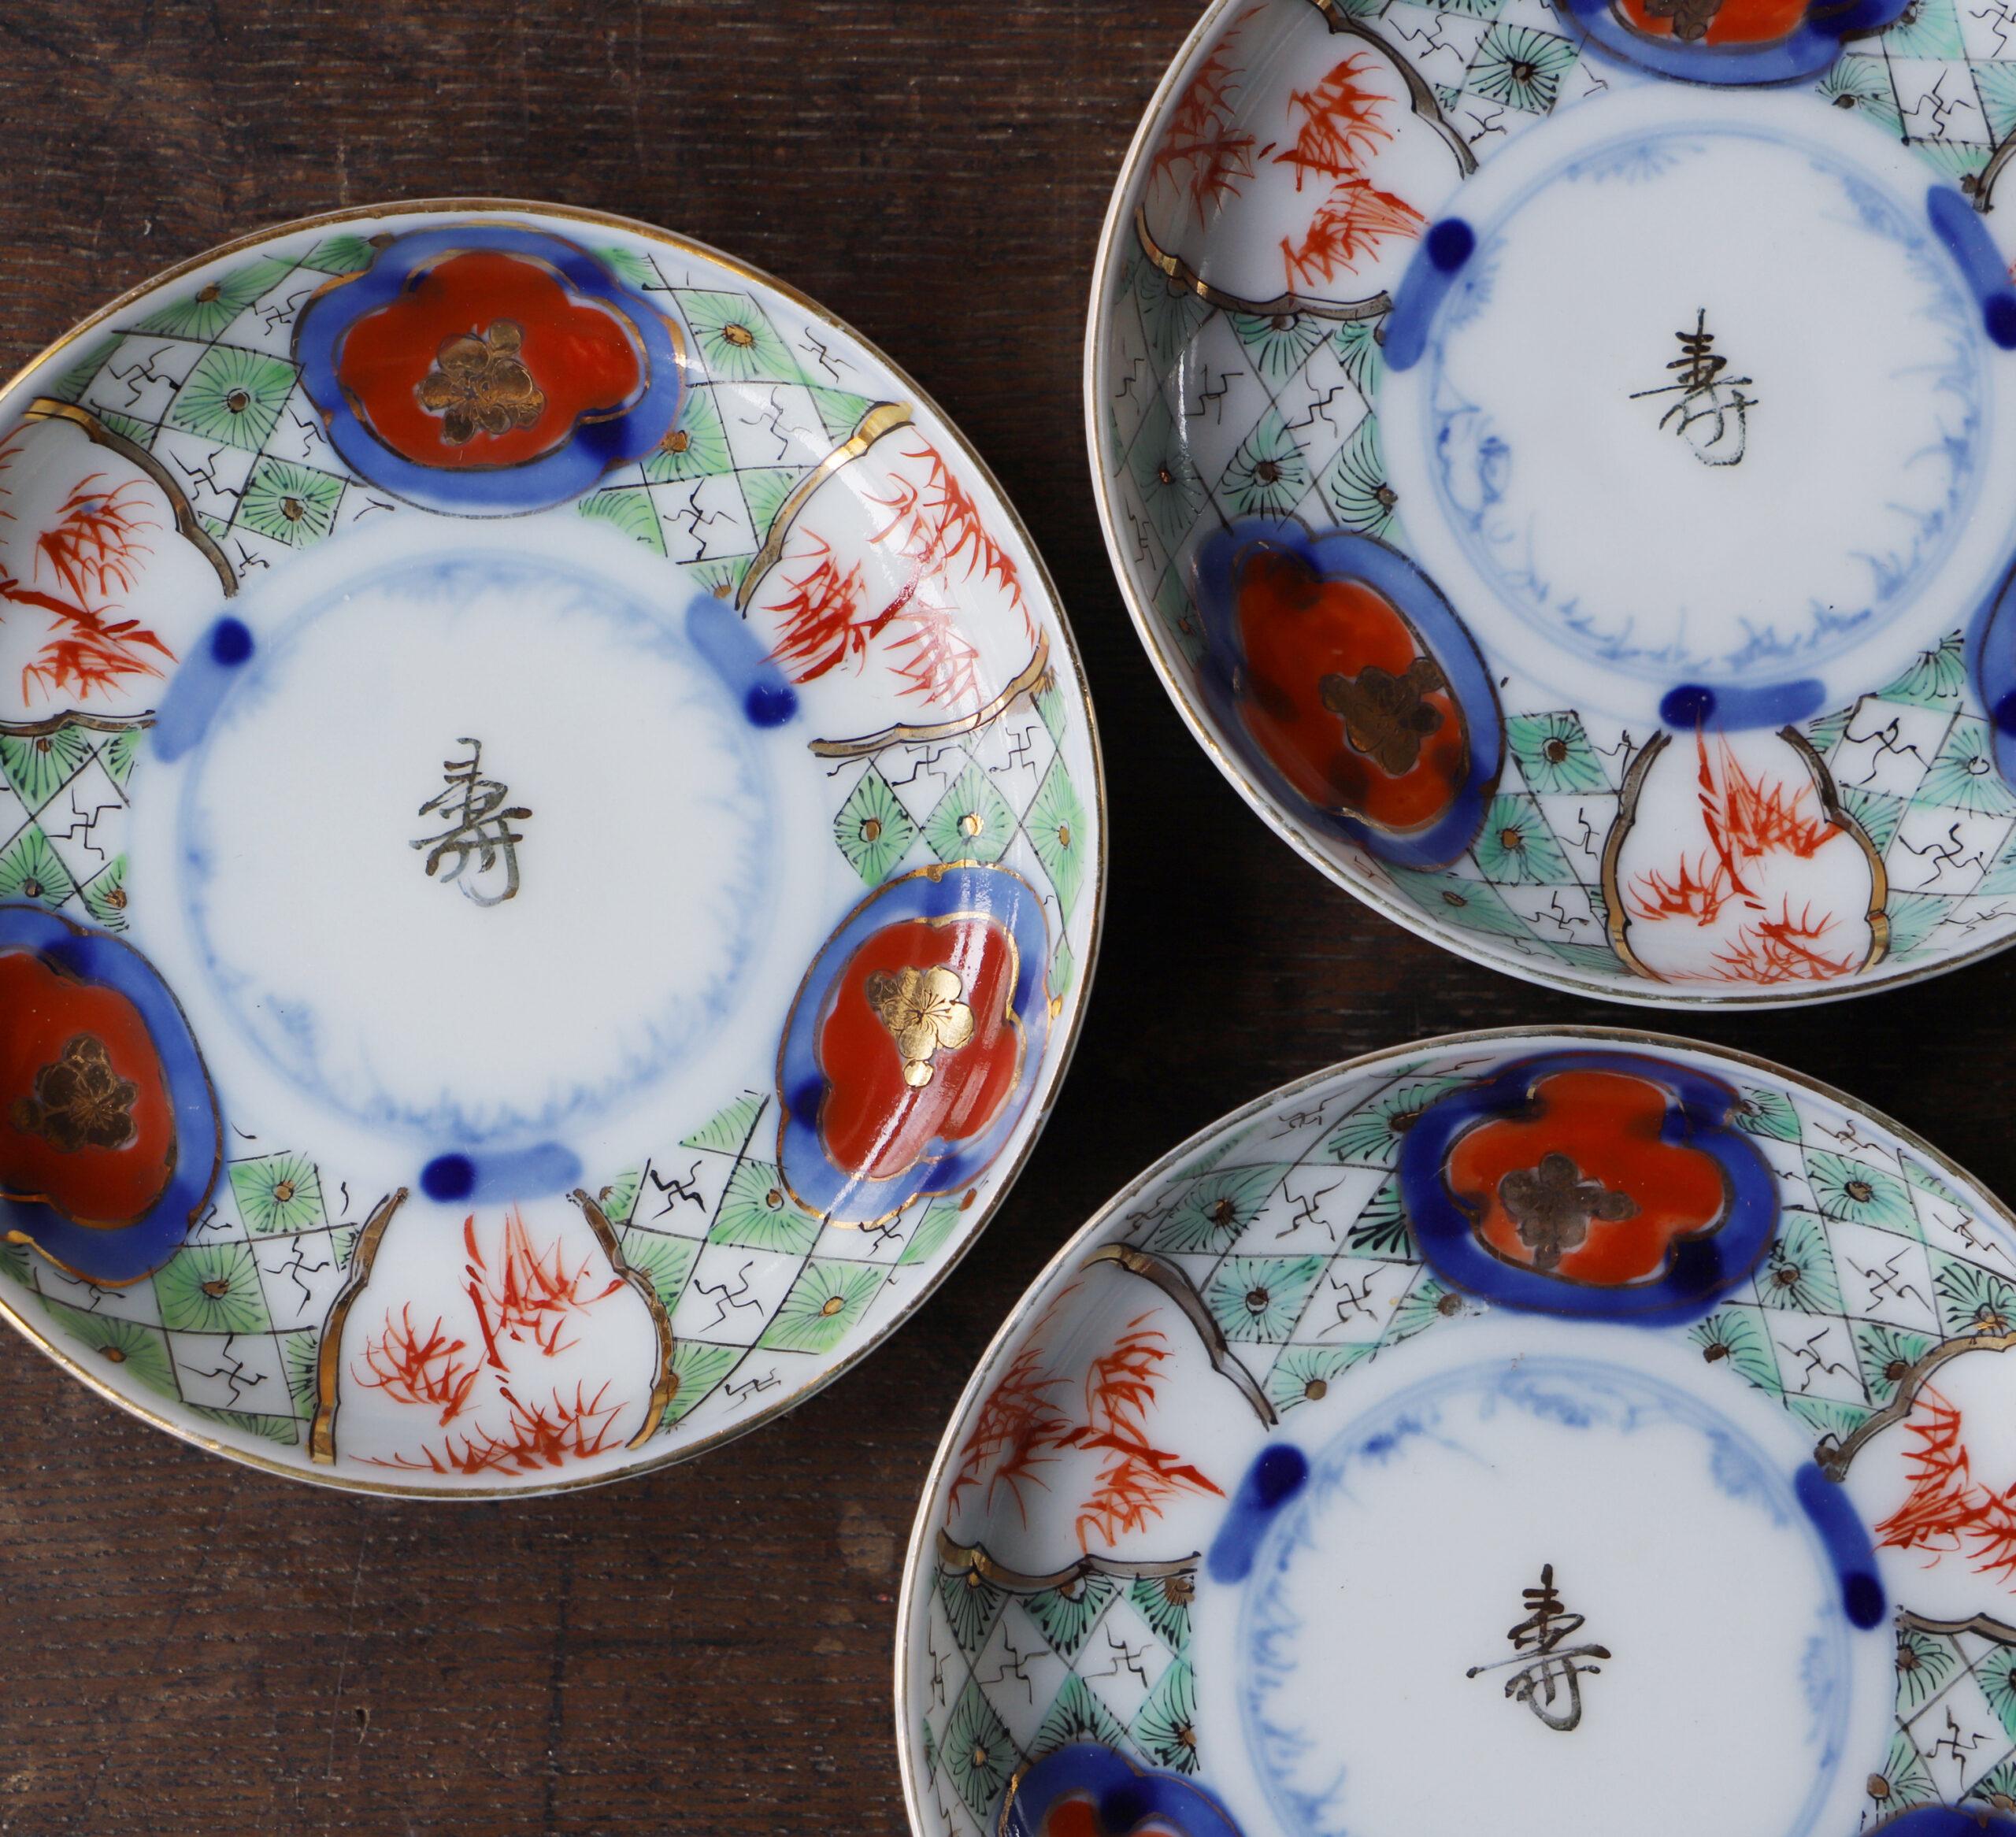 可愛い松竹梅の色絵小皿